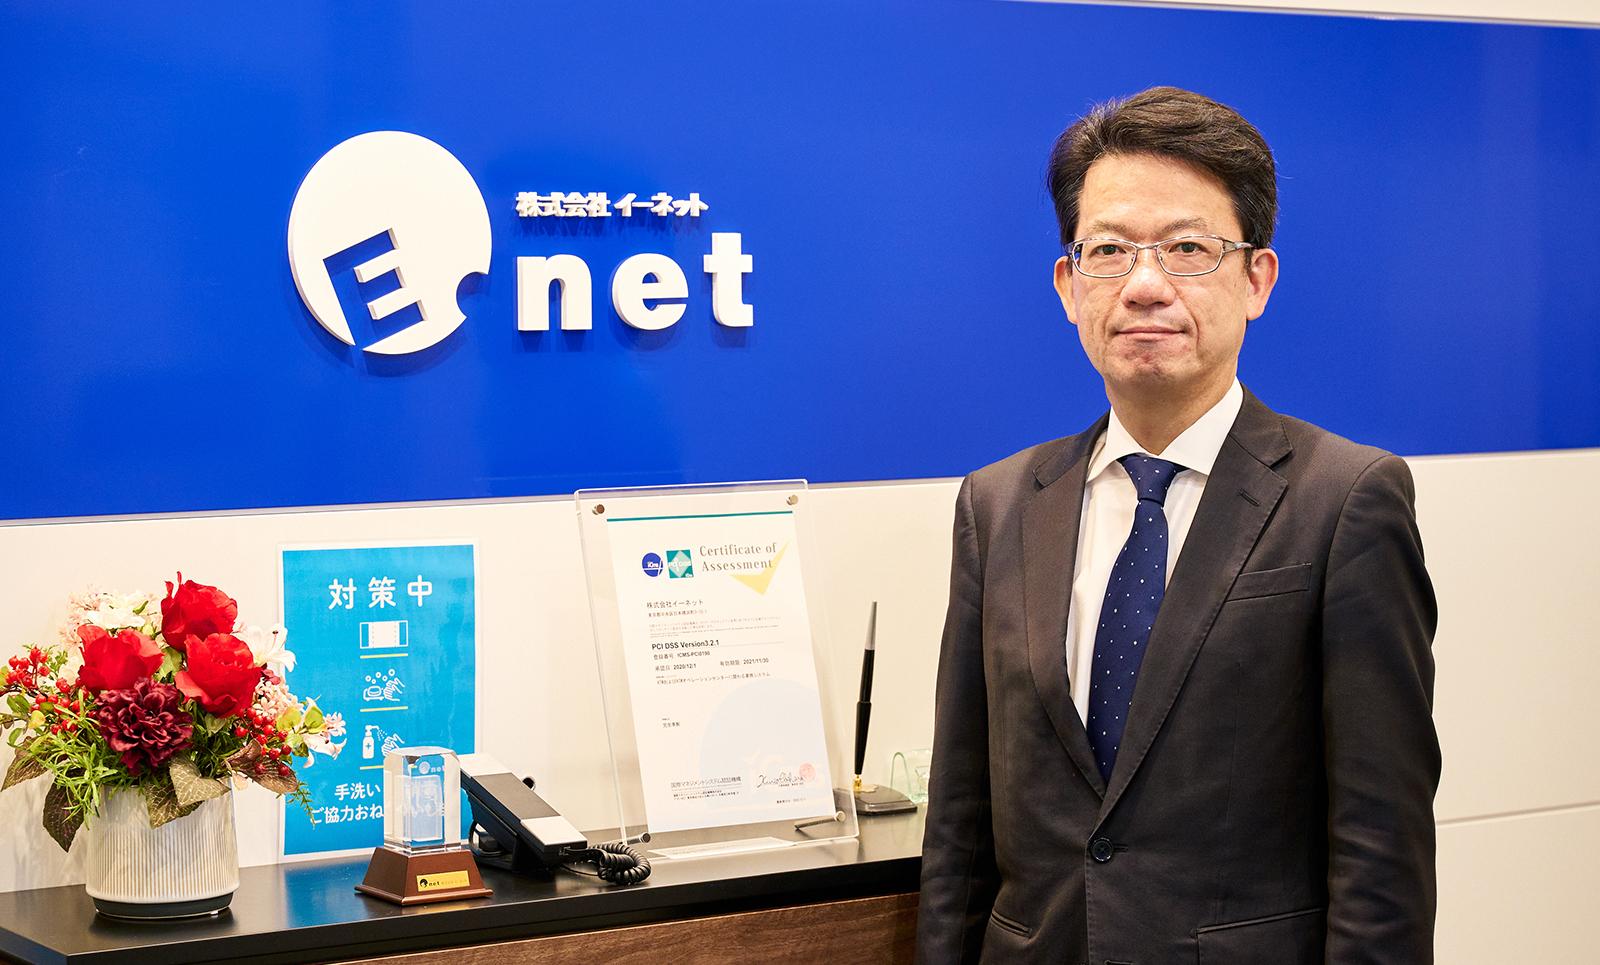 株式会社イーネット 代表取締役社長 西岡修さん